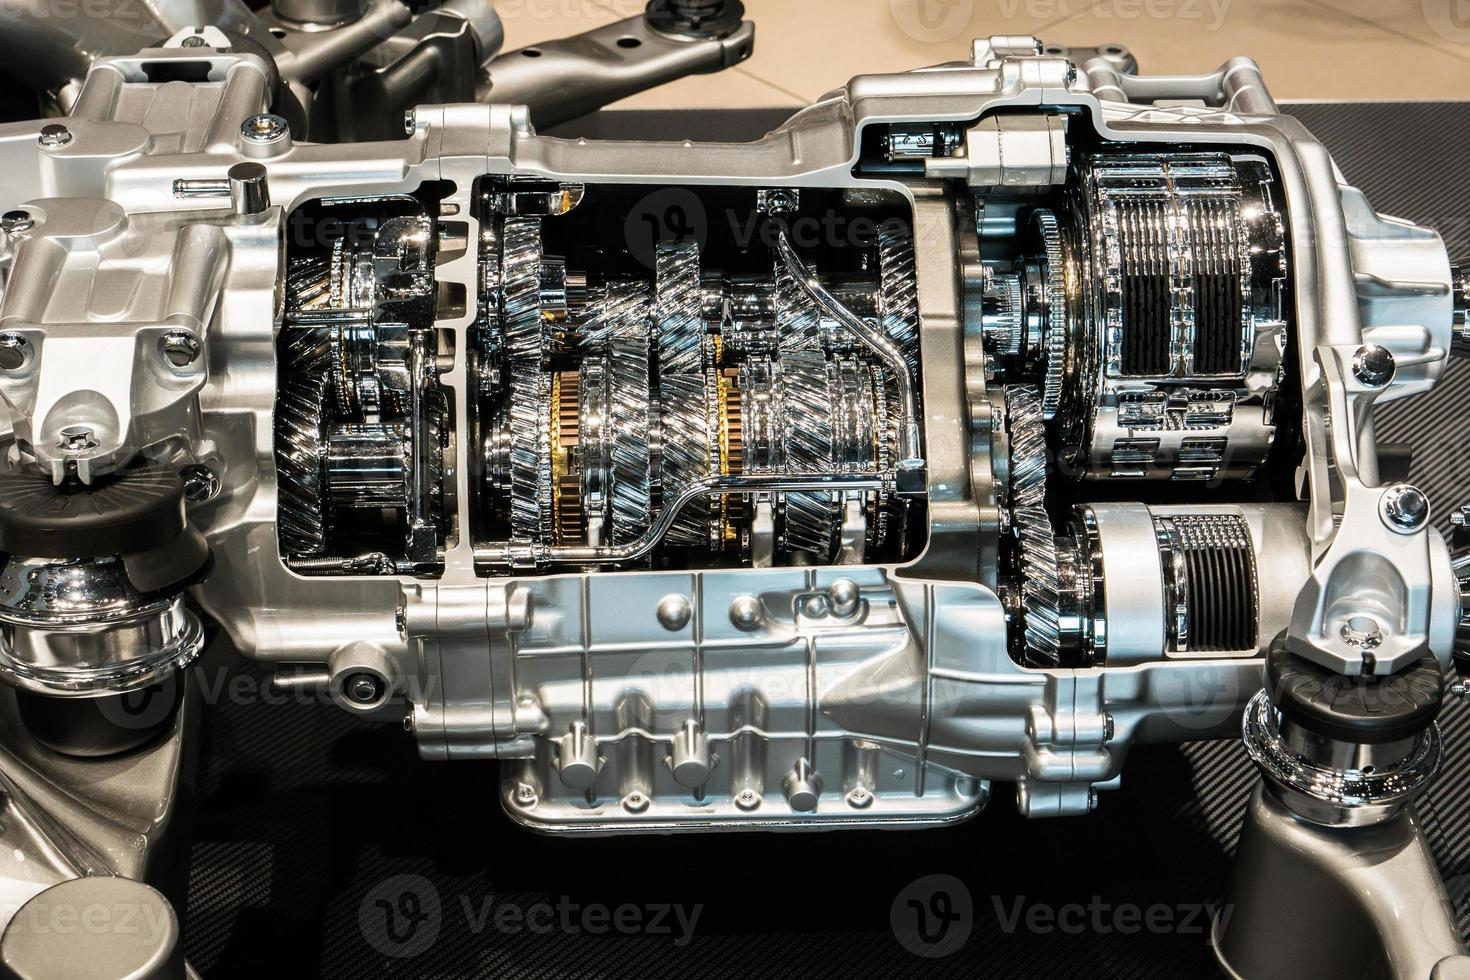 vue d'un moteur photo